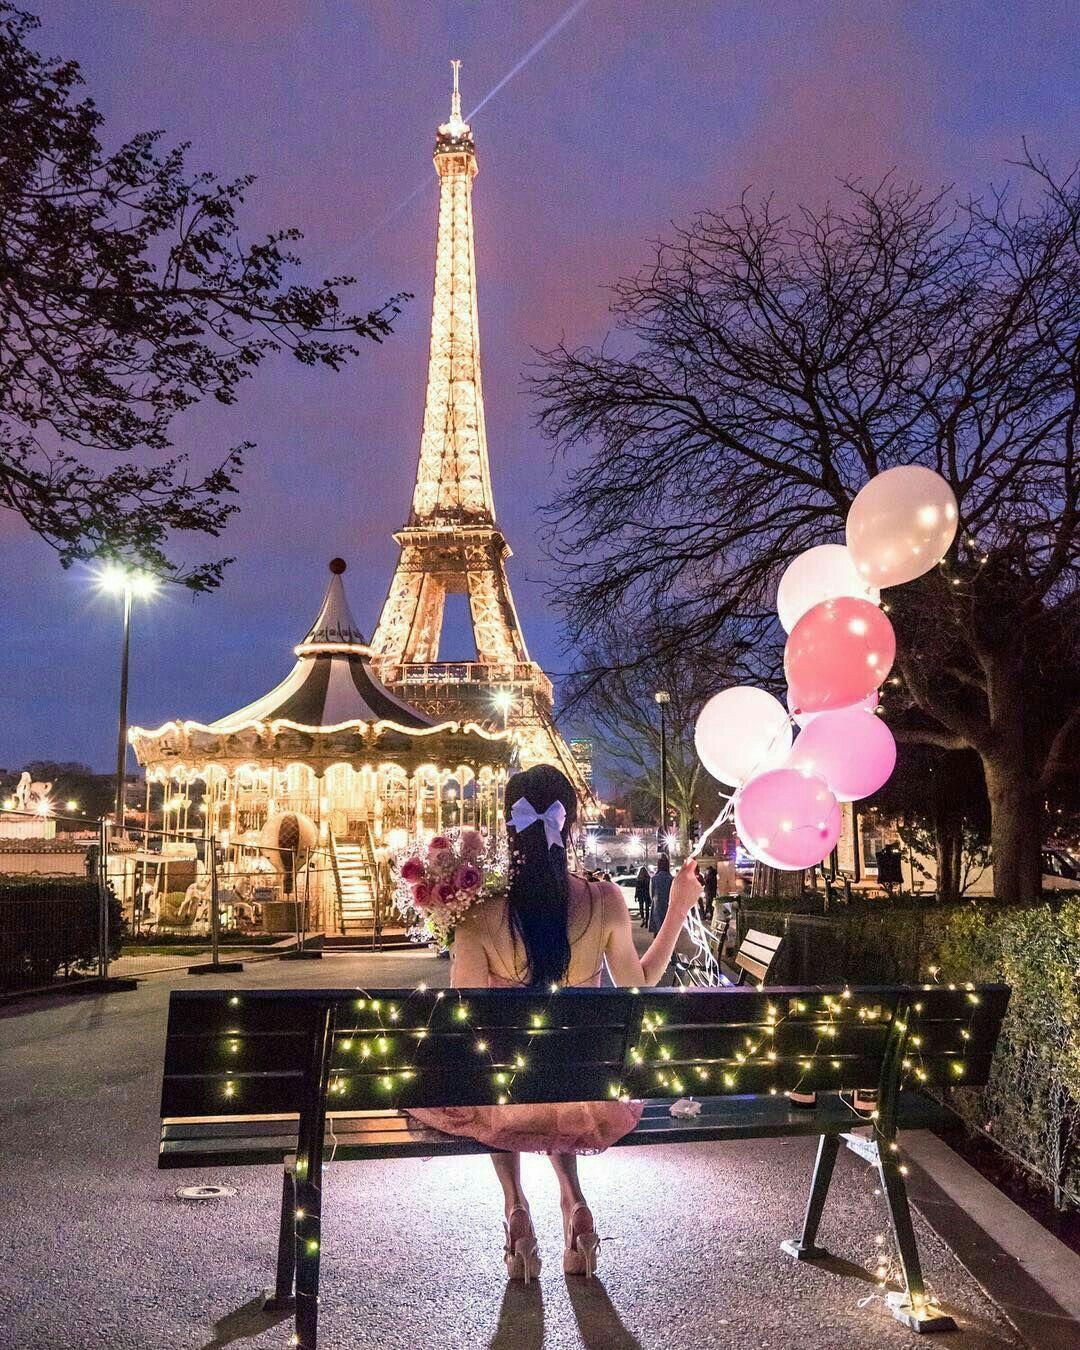 Pin Oleh Zulfitriyana Jayanti Di Wallpaper Menara Eiffel